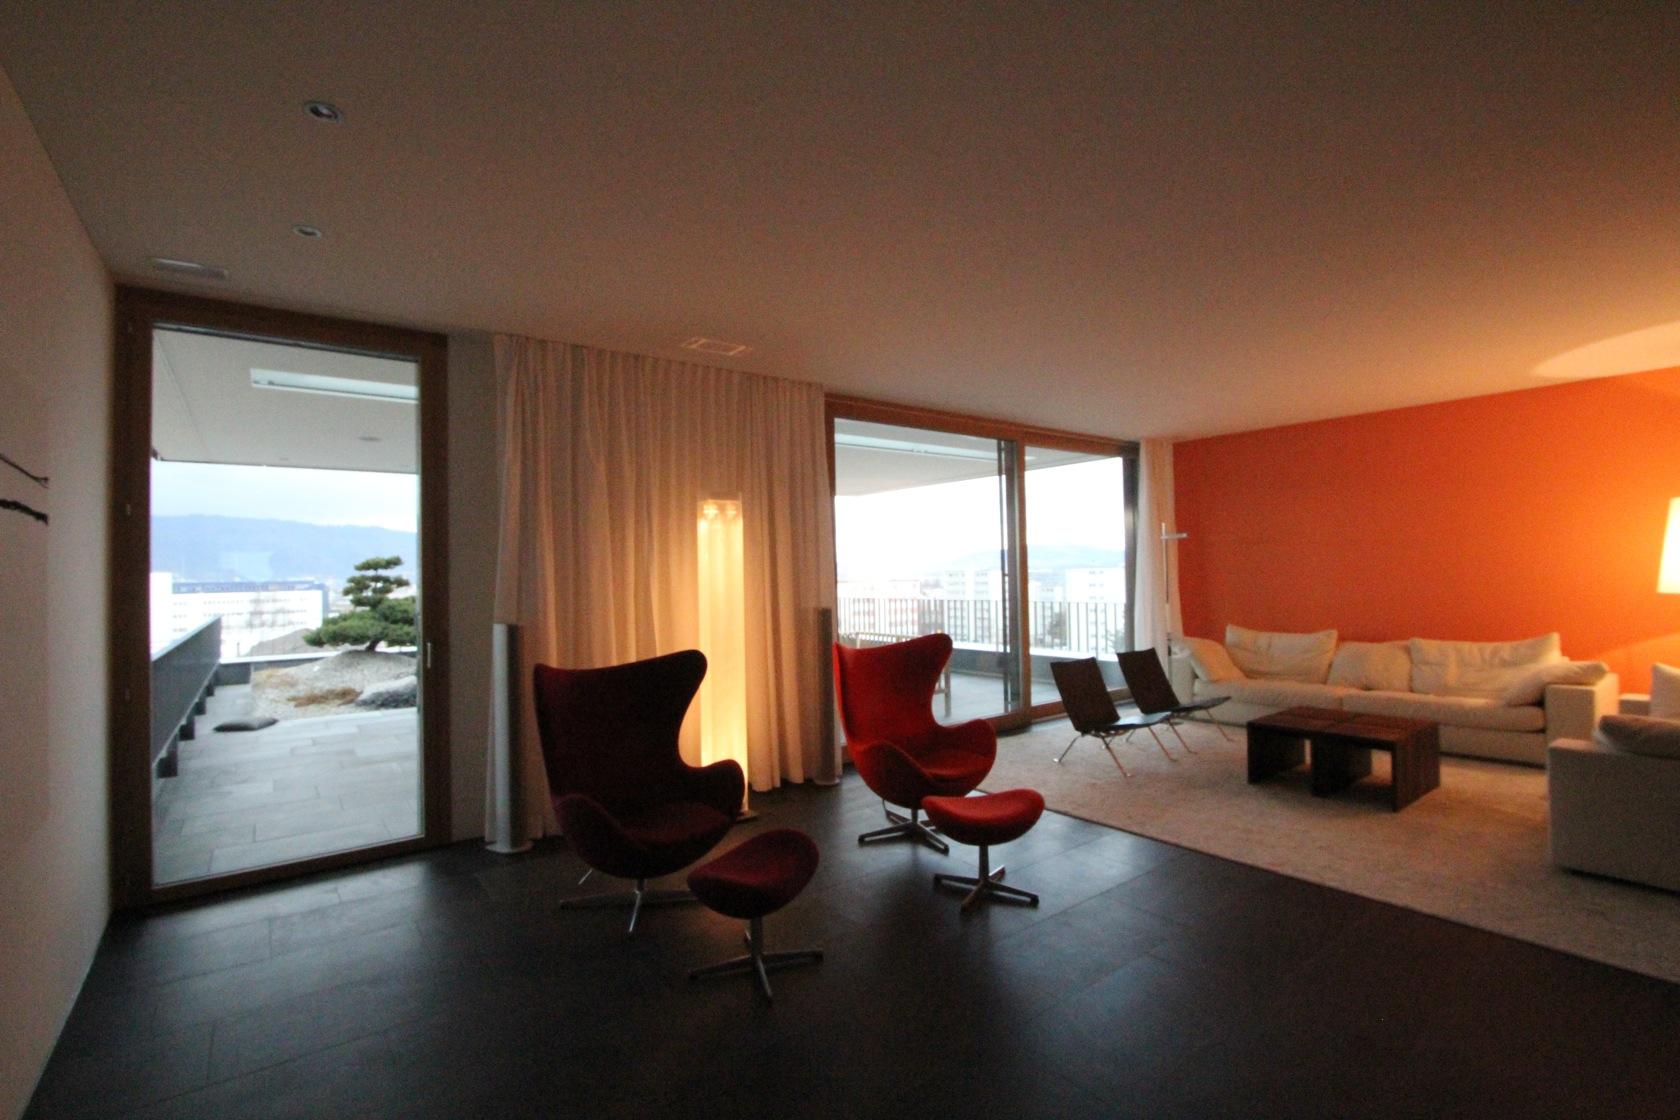 木造6階建てミネルギーハウス(チューリッヒ近郊)2_e0054299_1521164.jpg